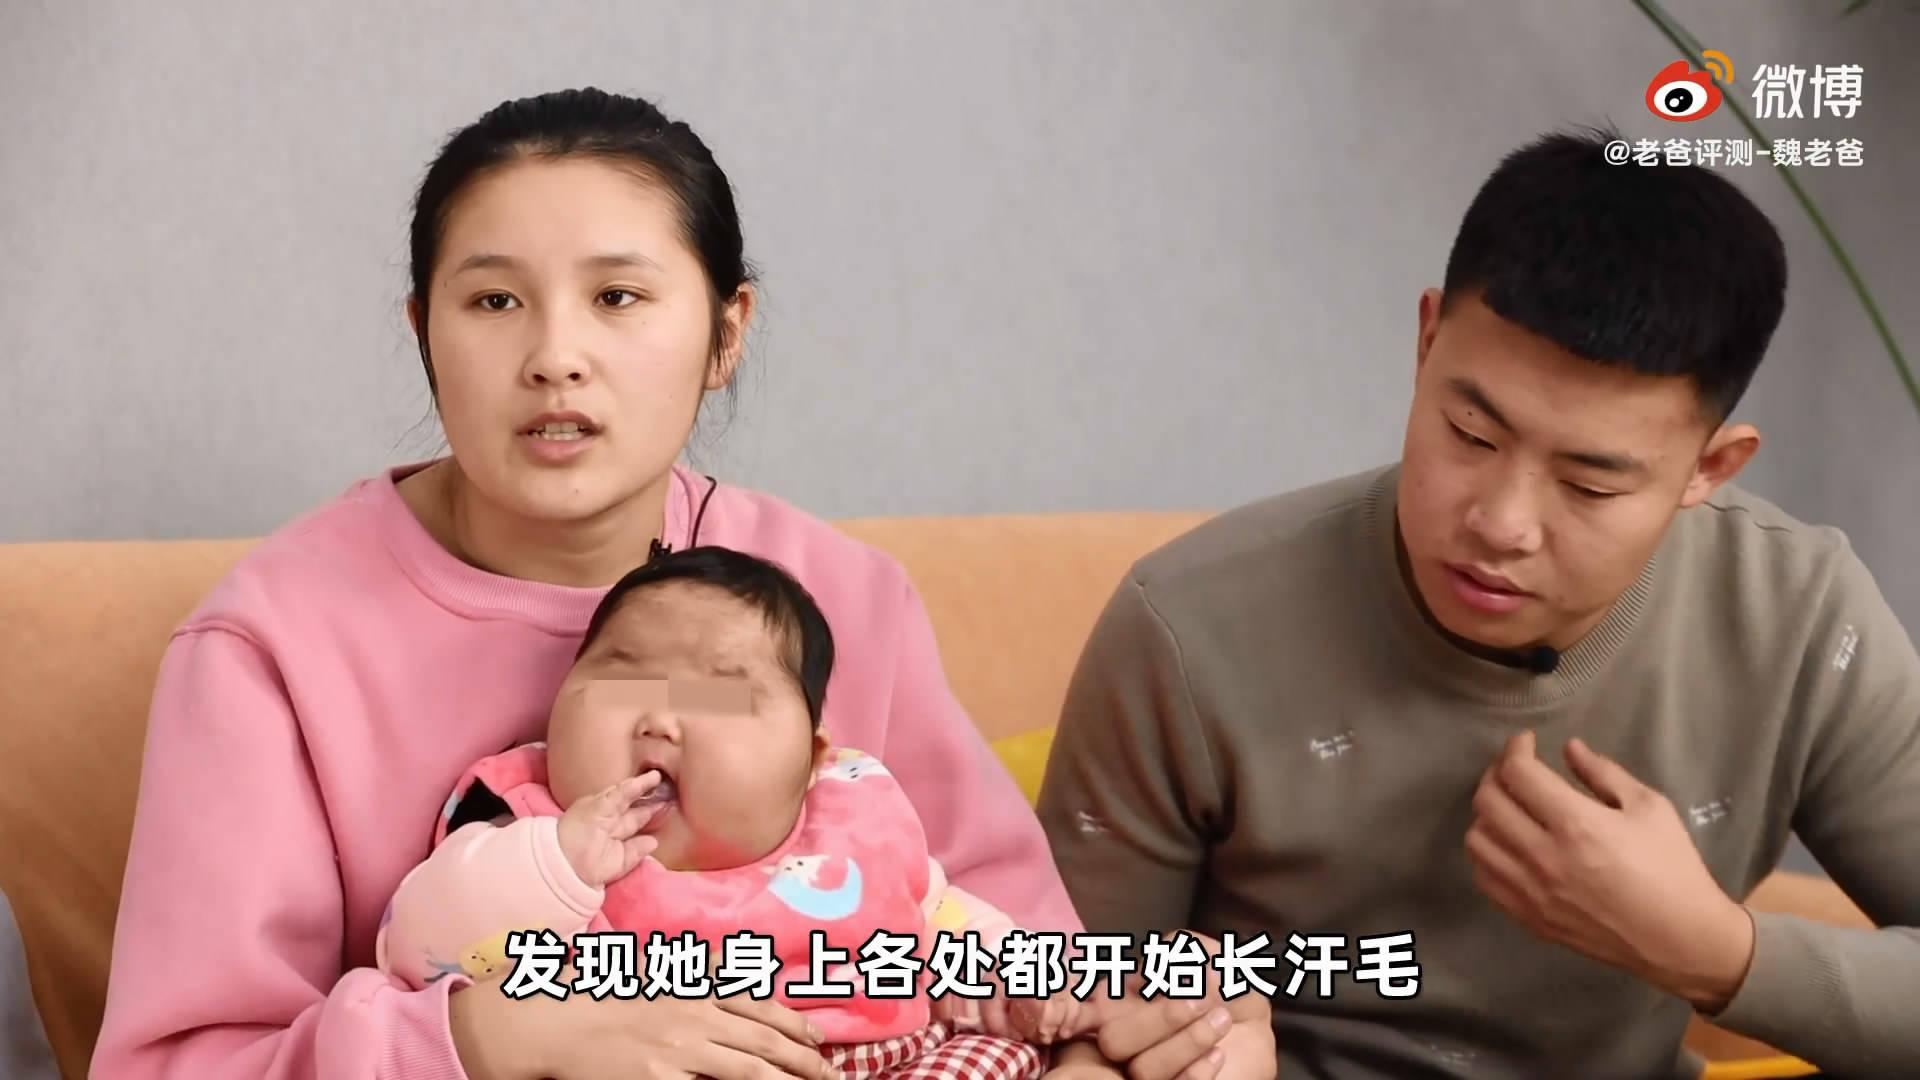 婴儿用抑菌霜成大头娃娃?医院检查一切正常,厂家称家长在炒作  第3张